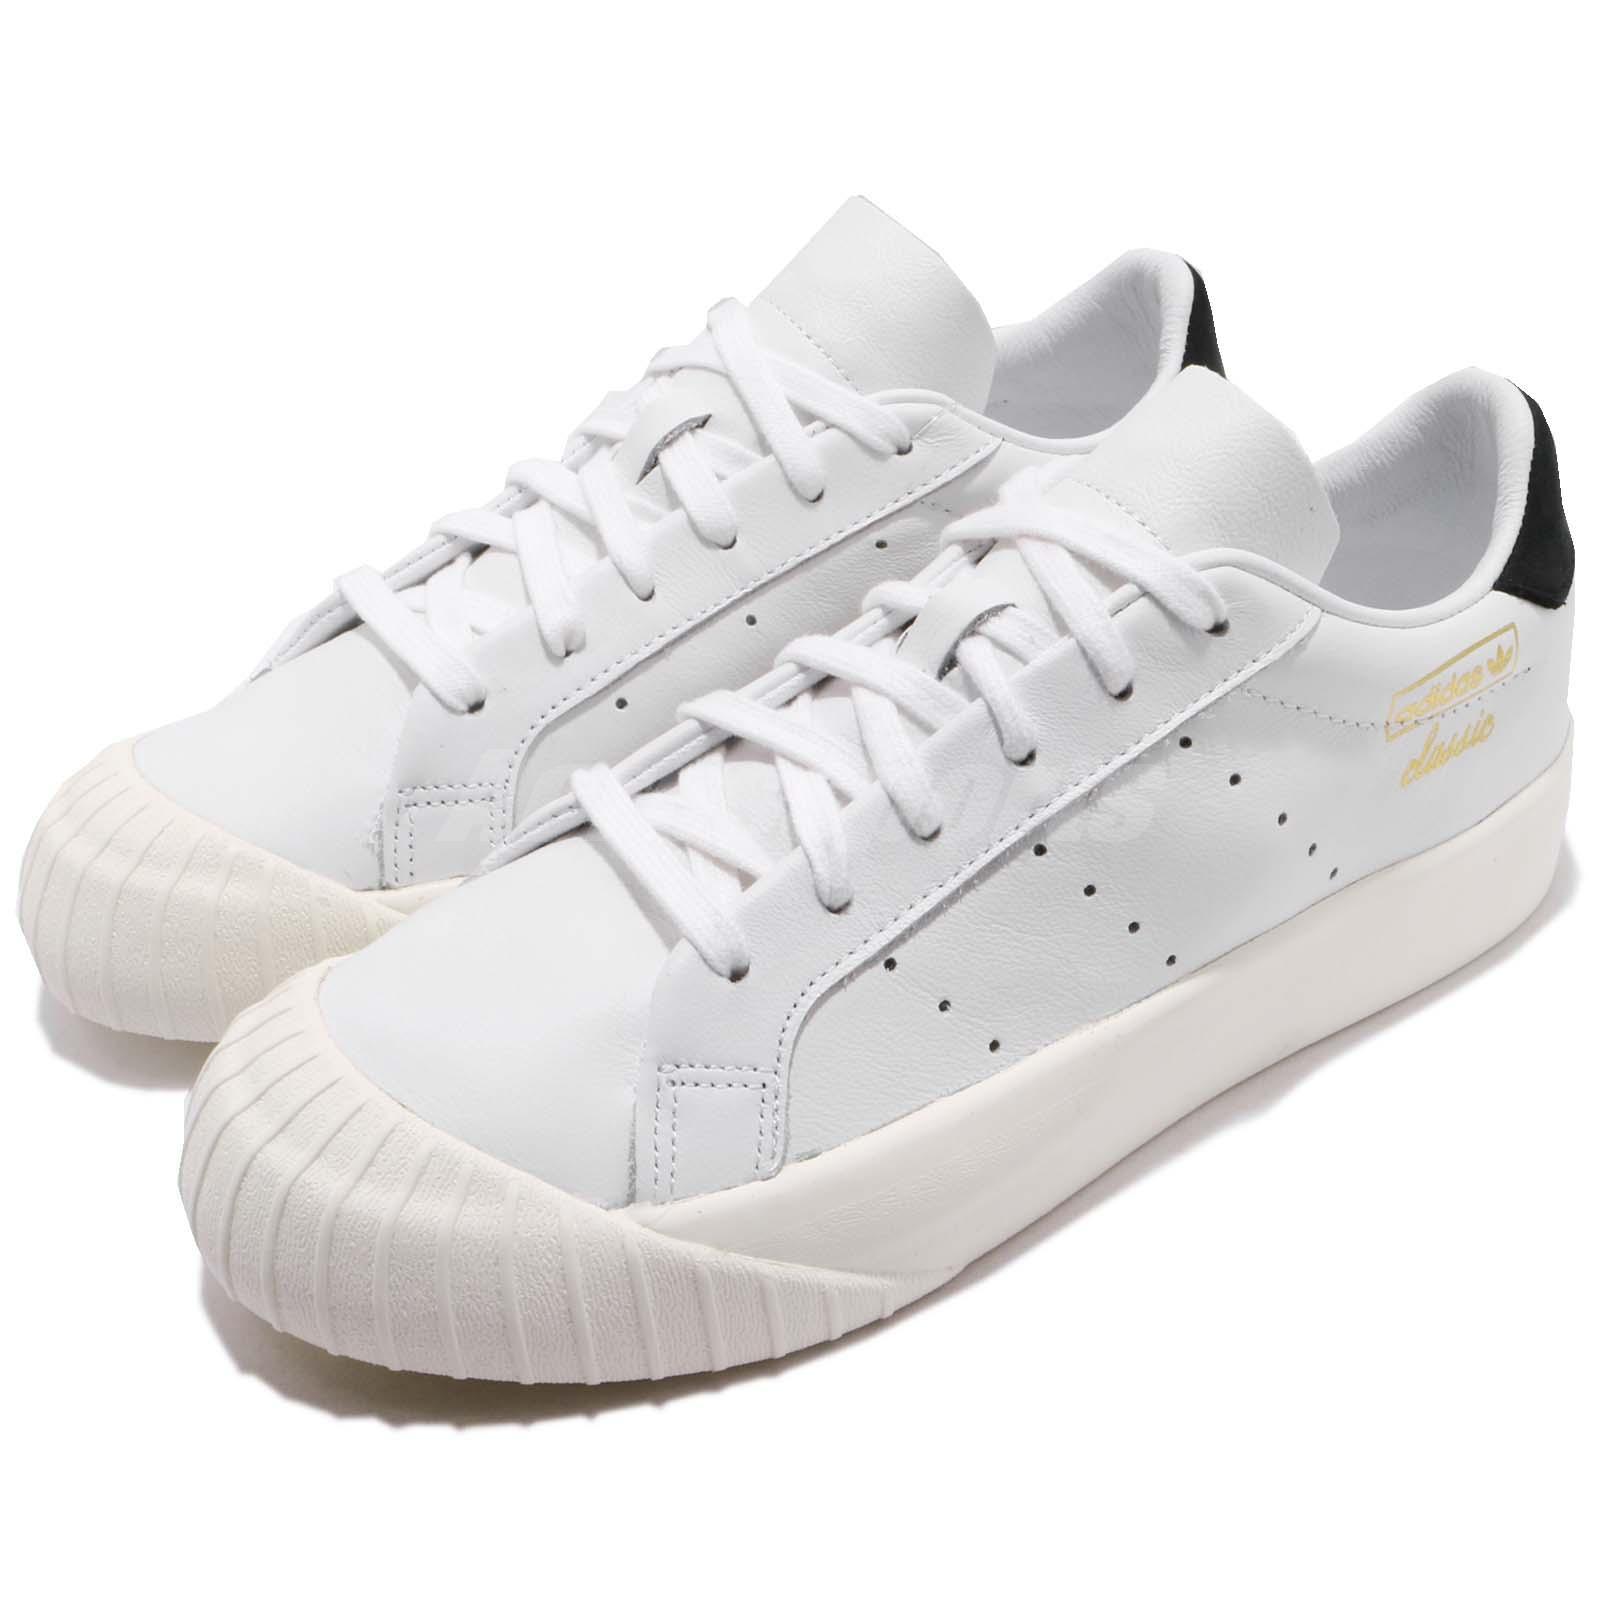 adidas everyn uomo